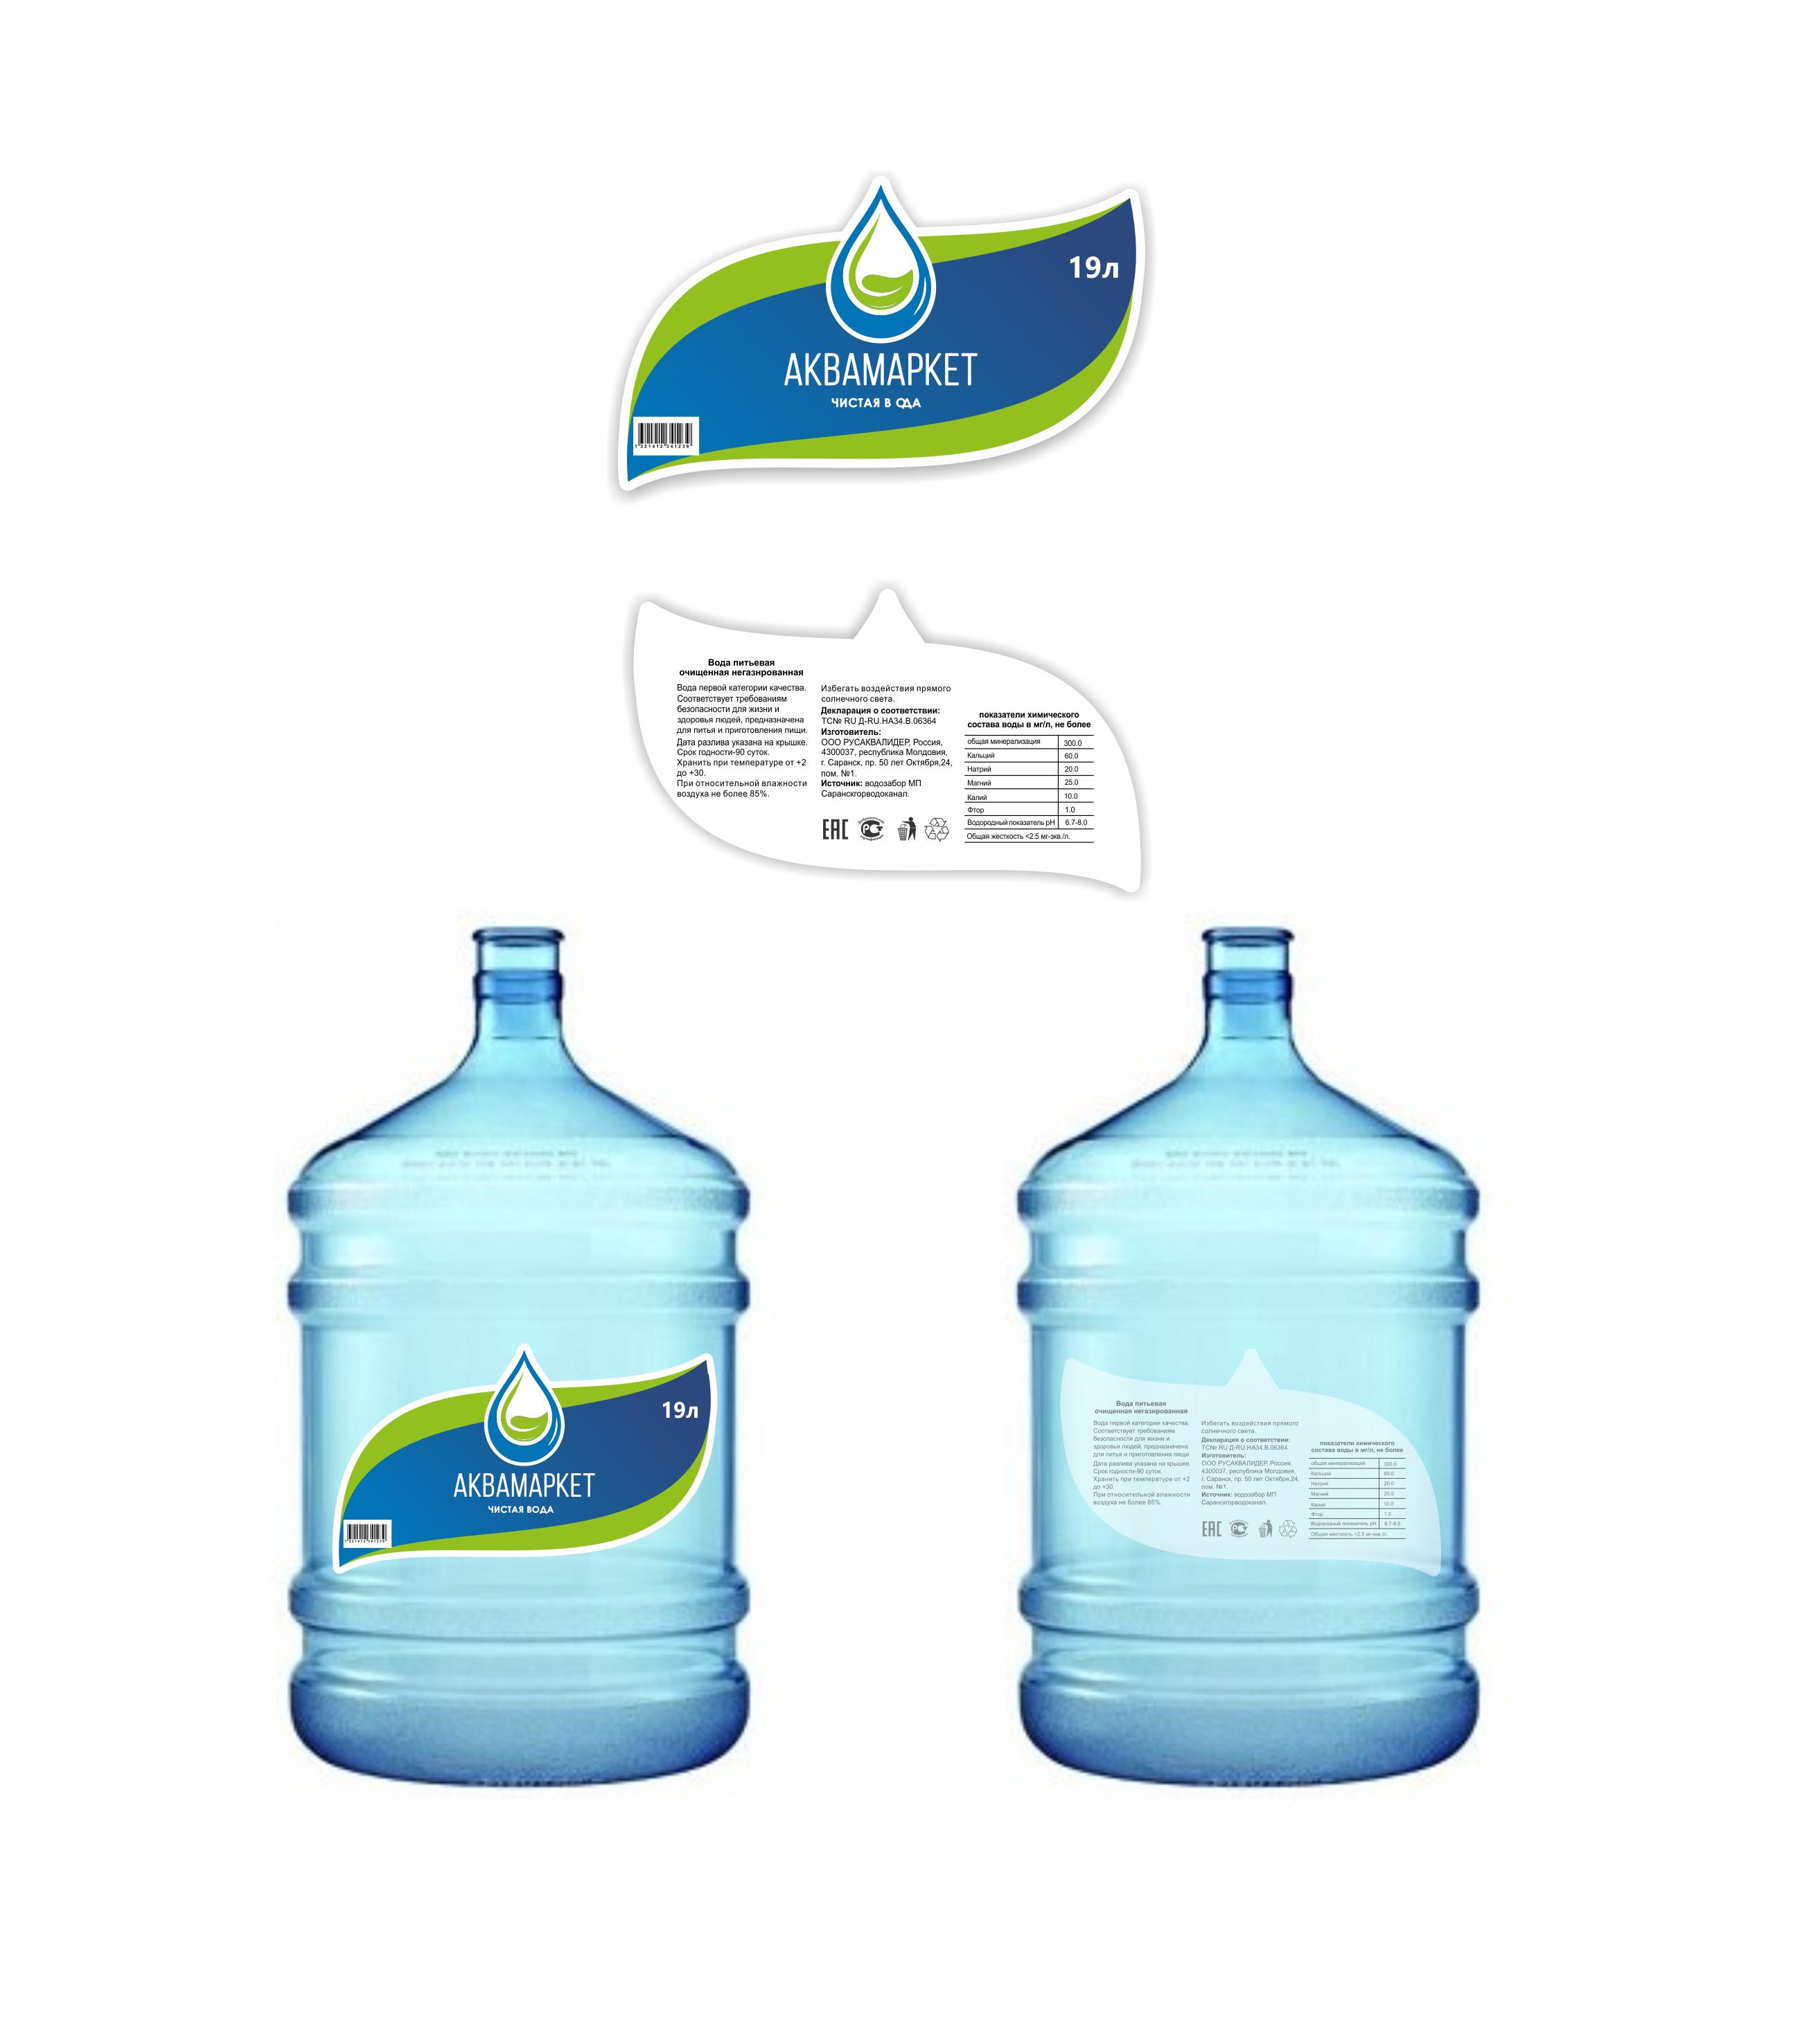 Разработка этикетки для питьевой воды в 19 литровых бутылях фото f_3185f00a717eba5b.png